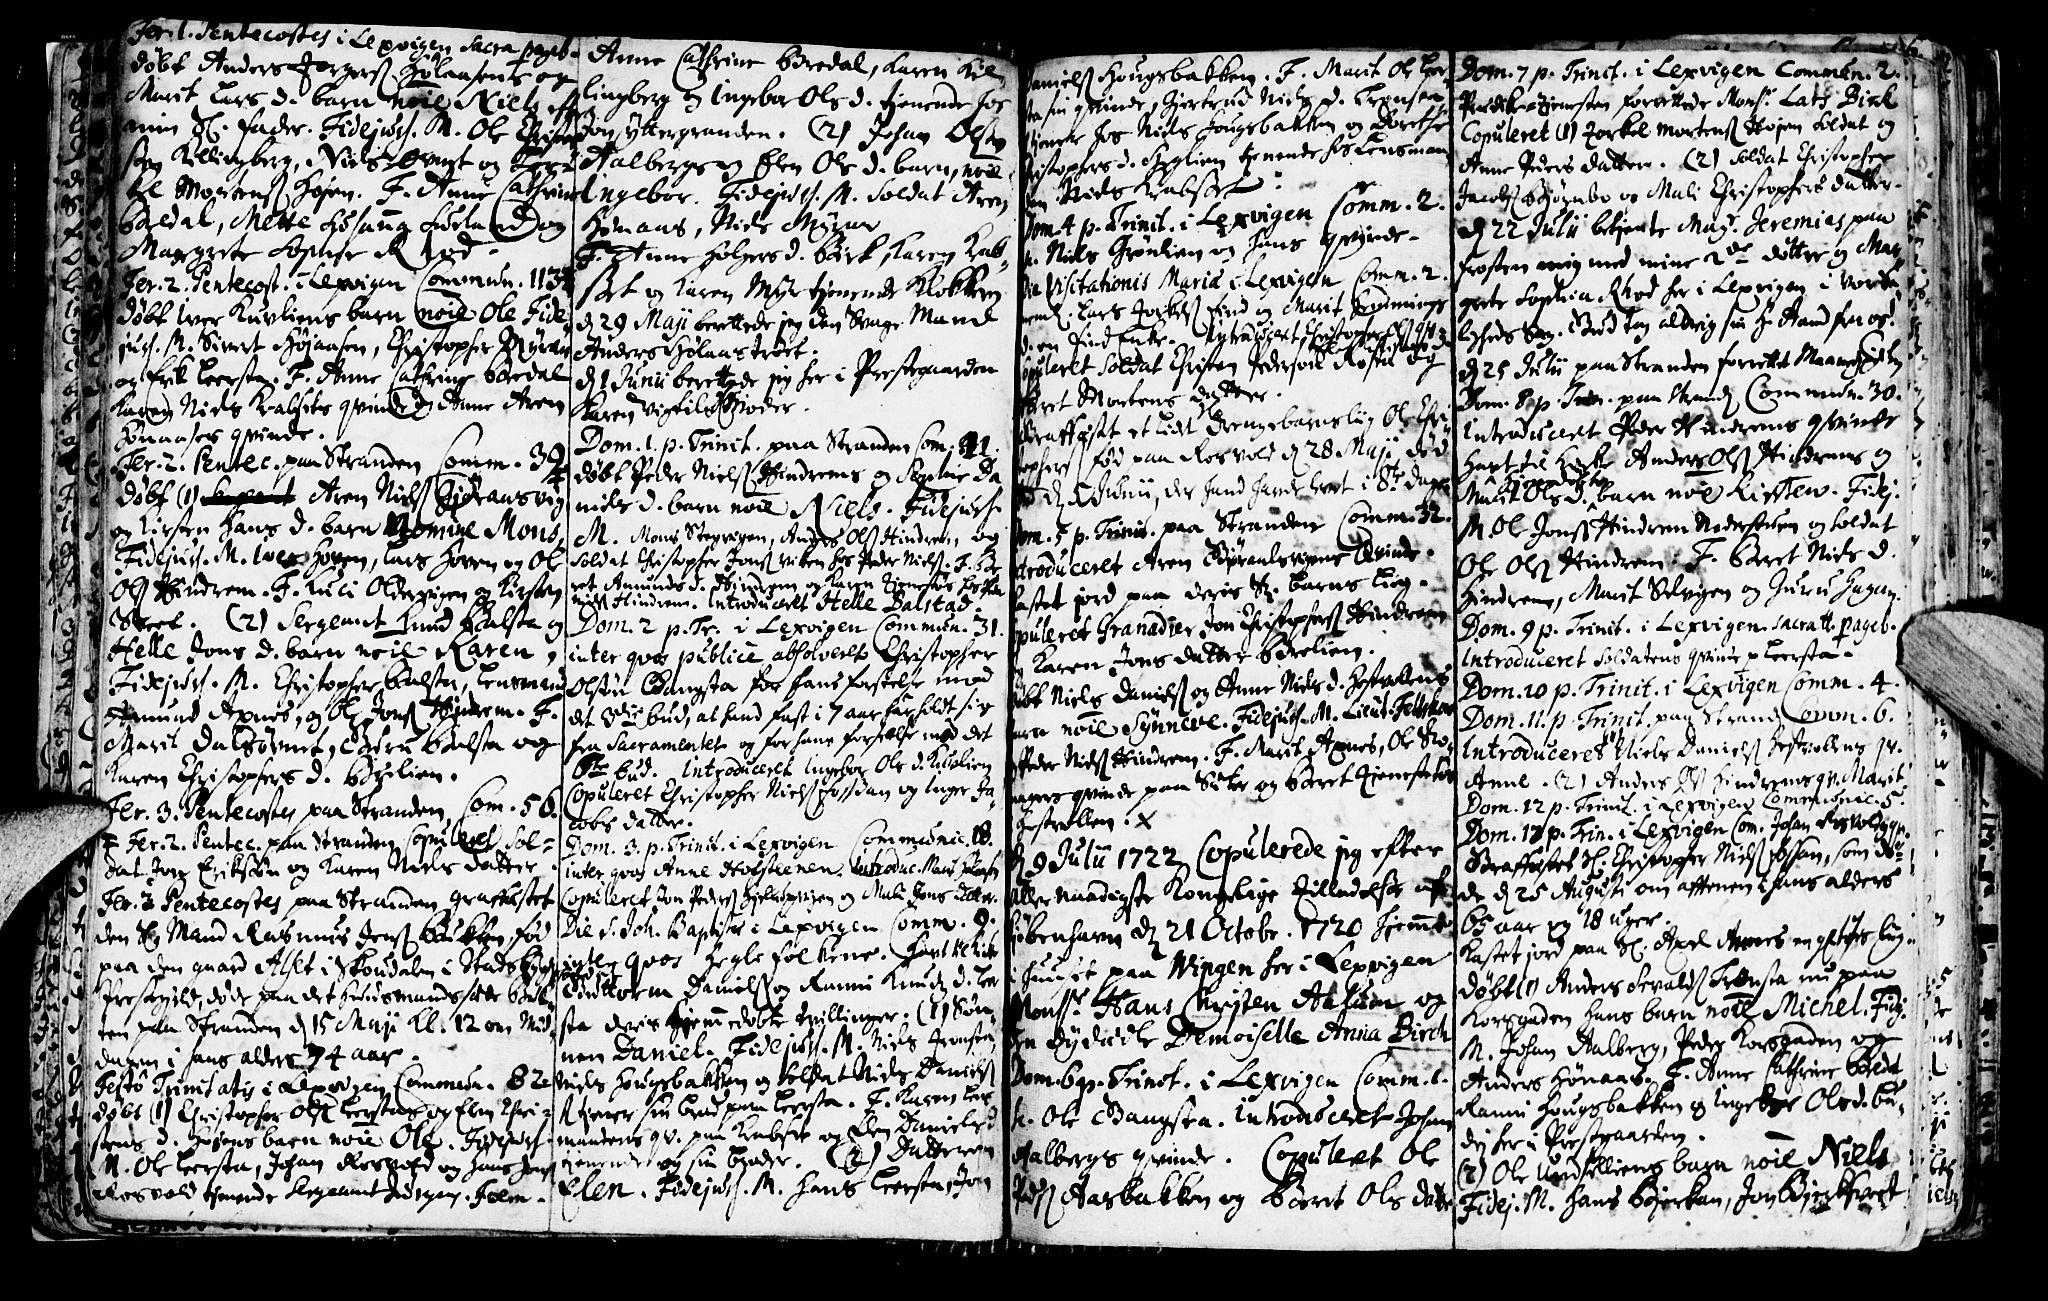 SAT, Ministerialprotokoller, klokkerbøker og fødselsregistre - Nord-Trøndelag, 701/L0001: Ministerialbok nr. 701A01, 1717-1731, s. 18